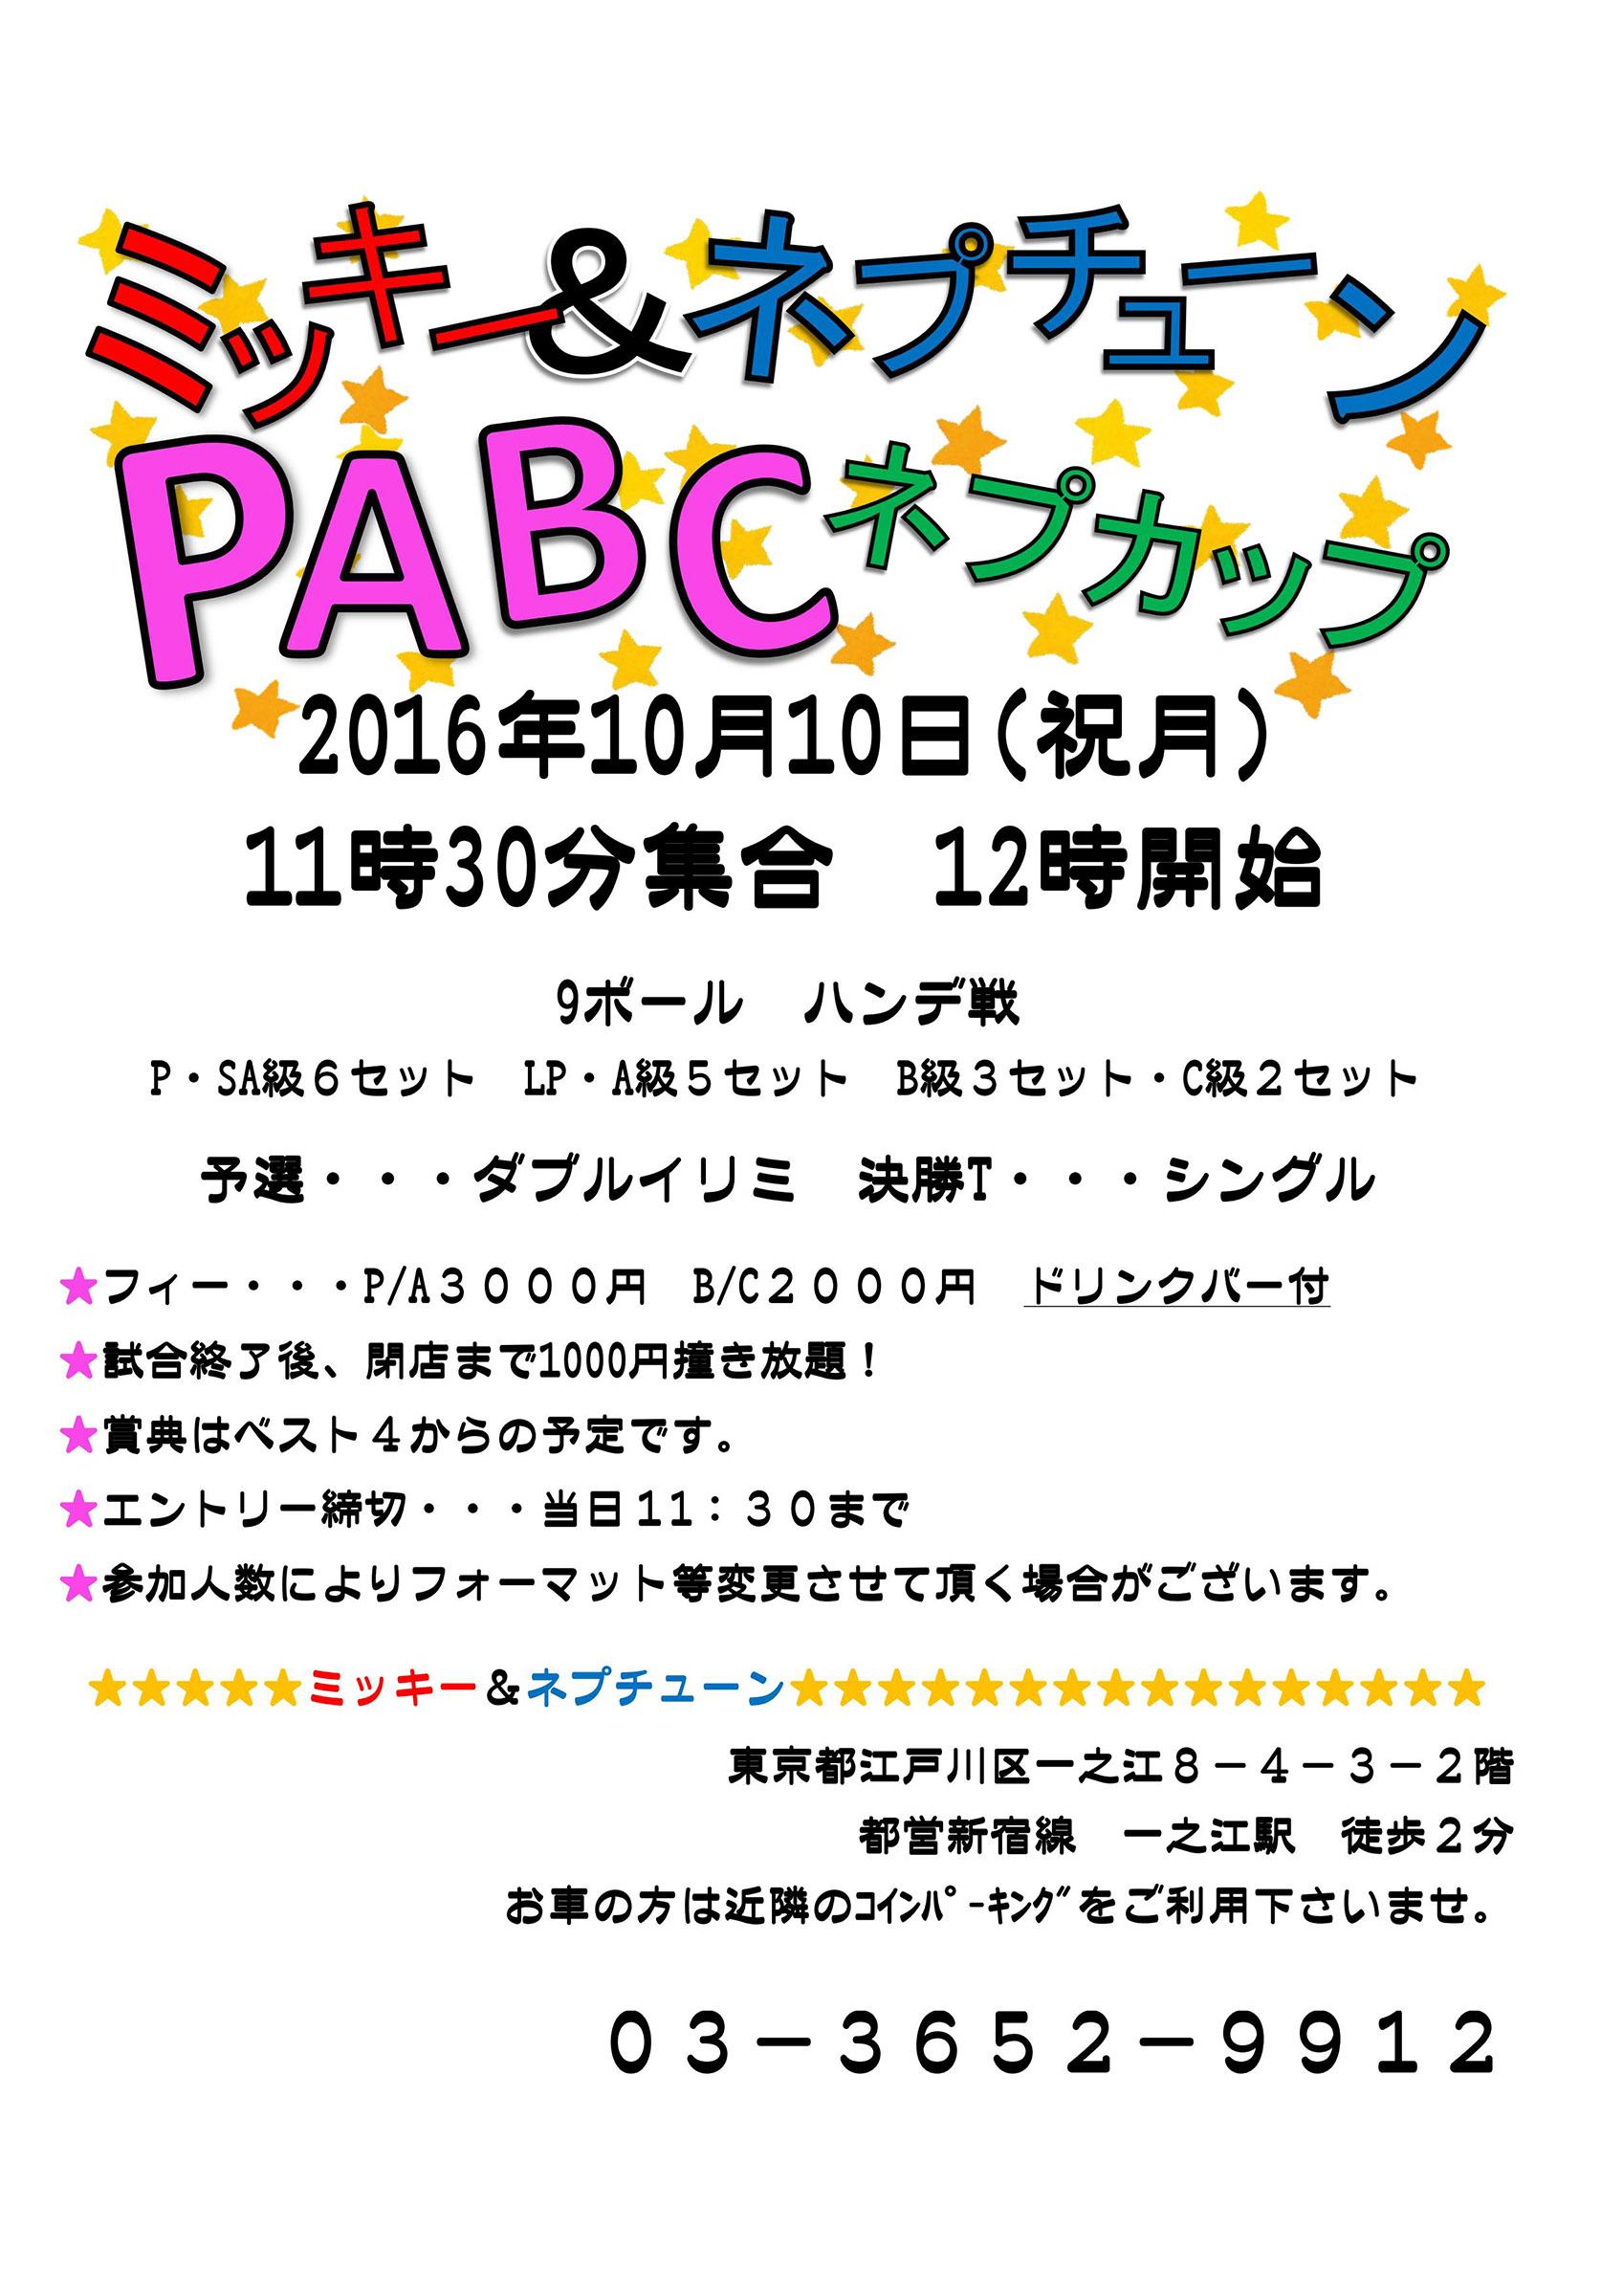 2016-10-10pabc_01